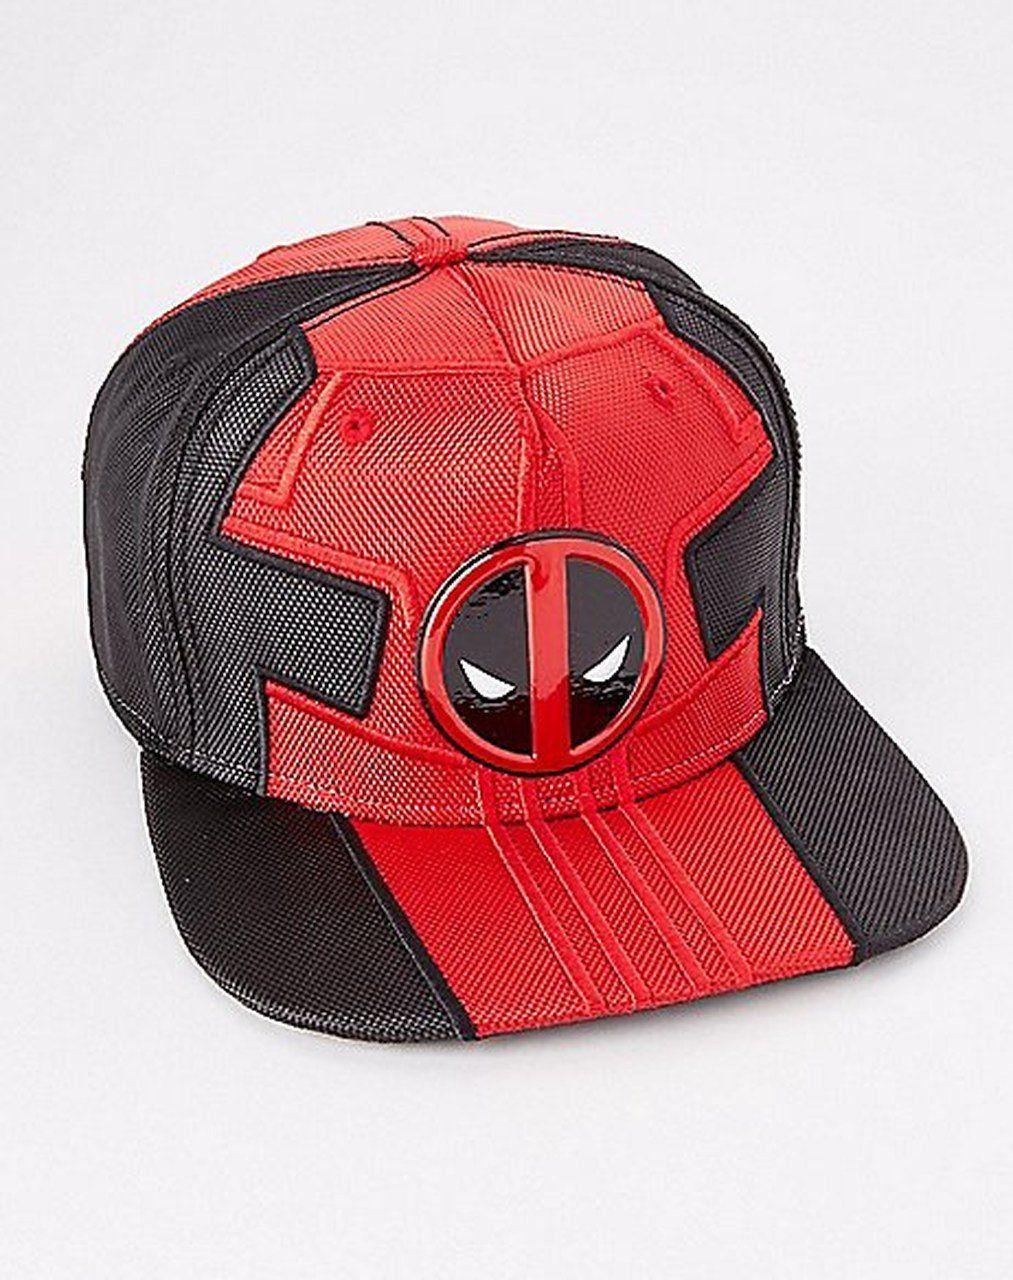 Boné Snapback: Deadpool (Vermelho e Preto)